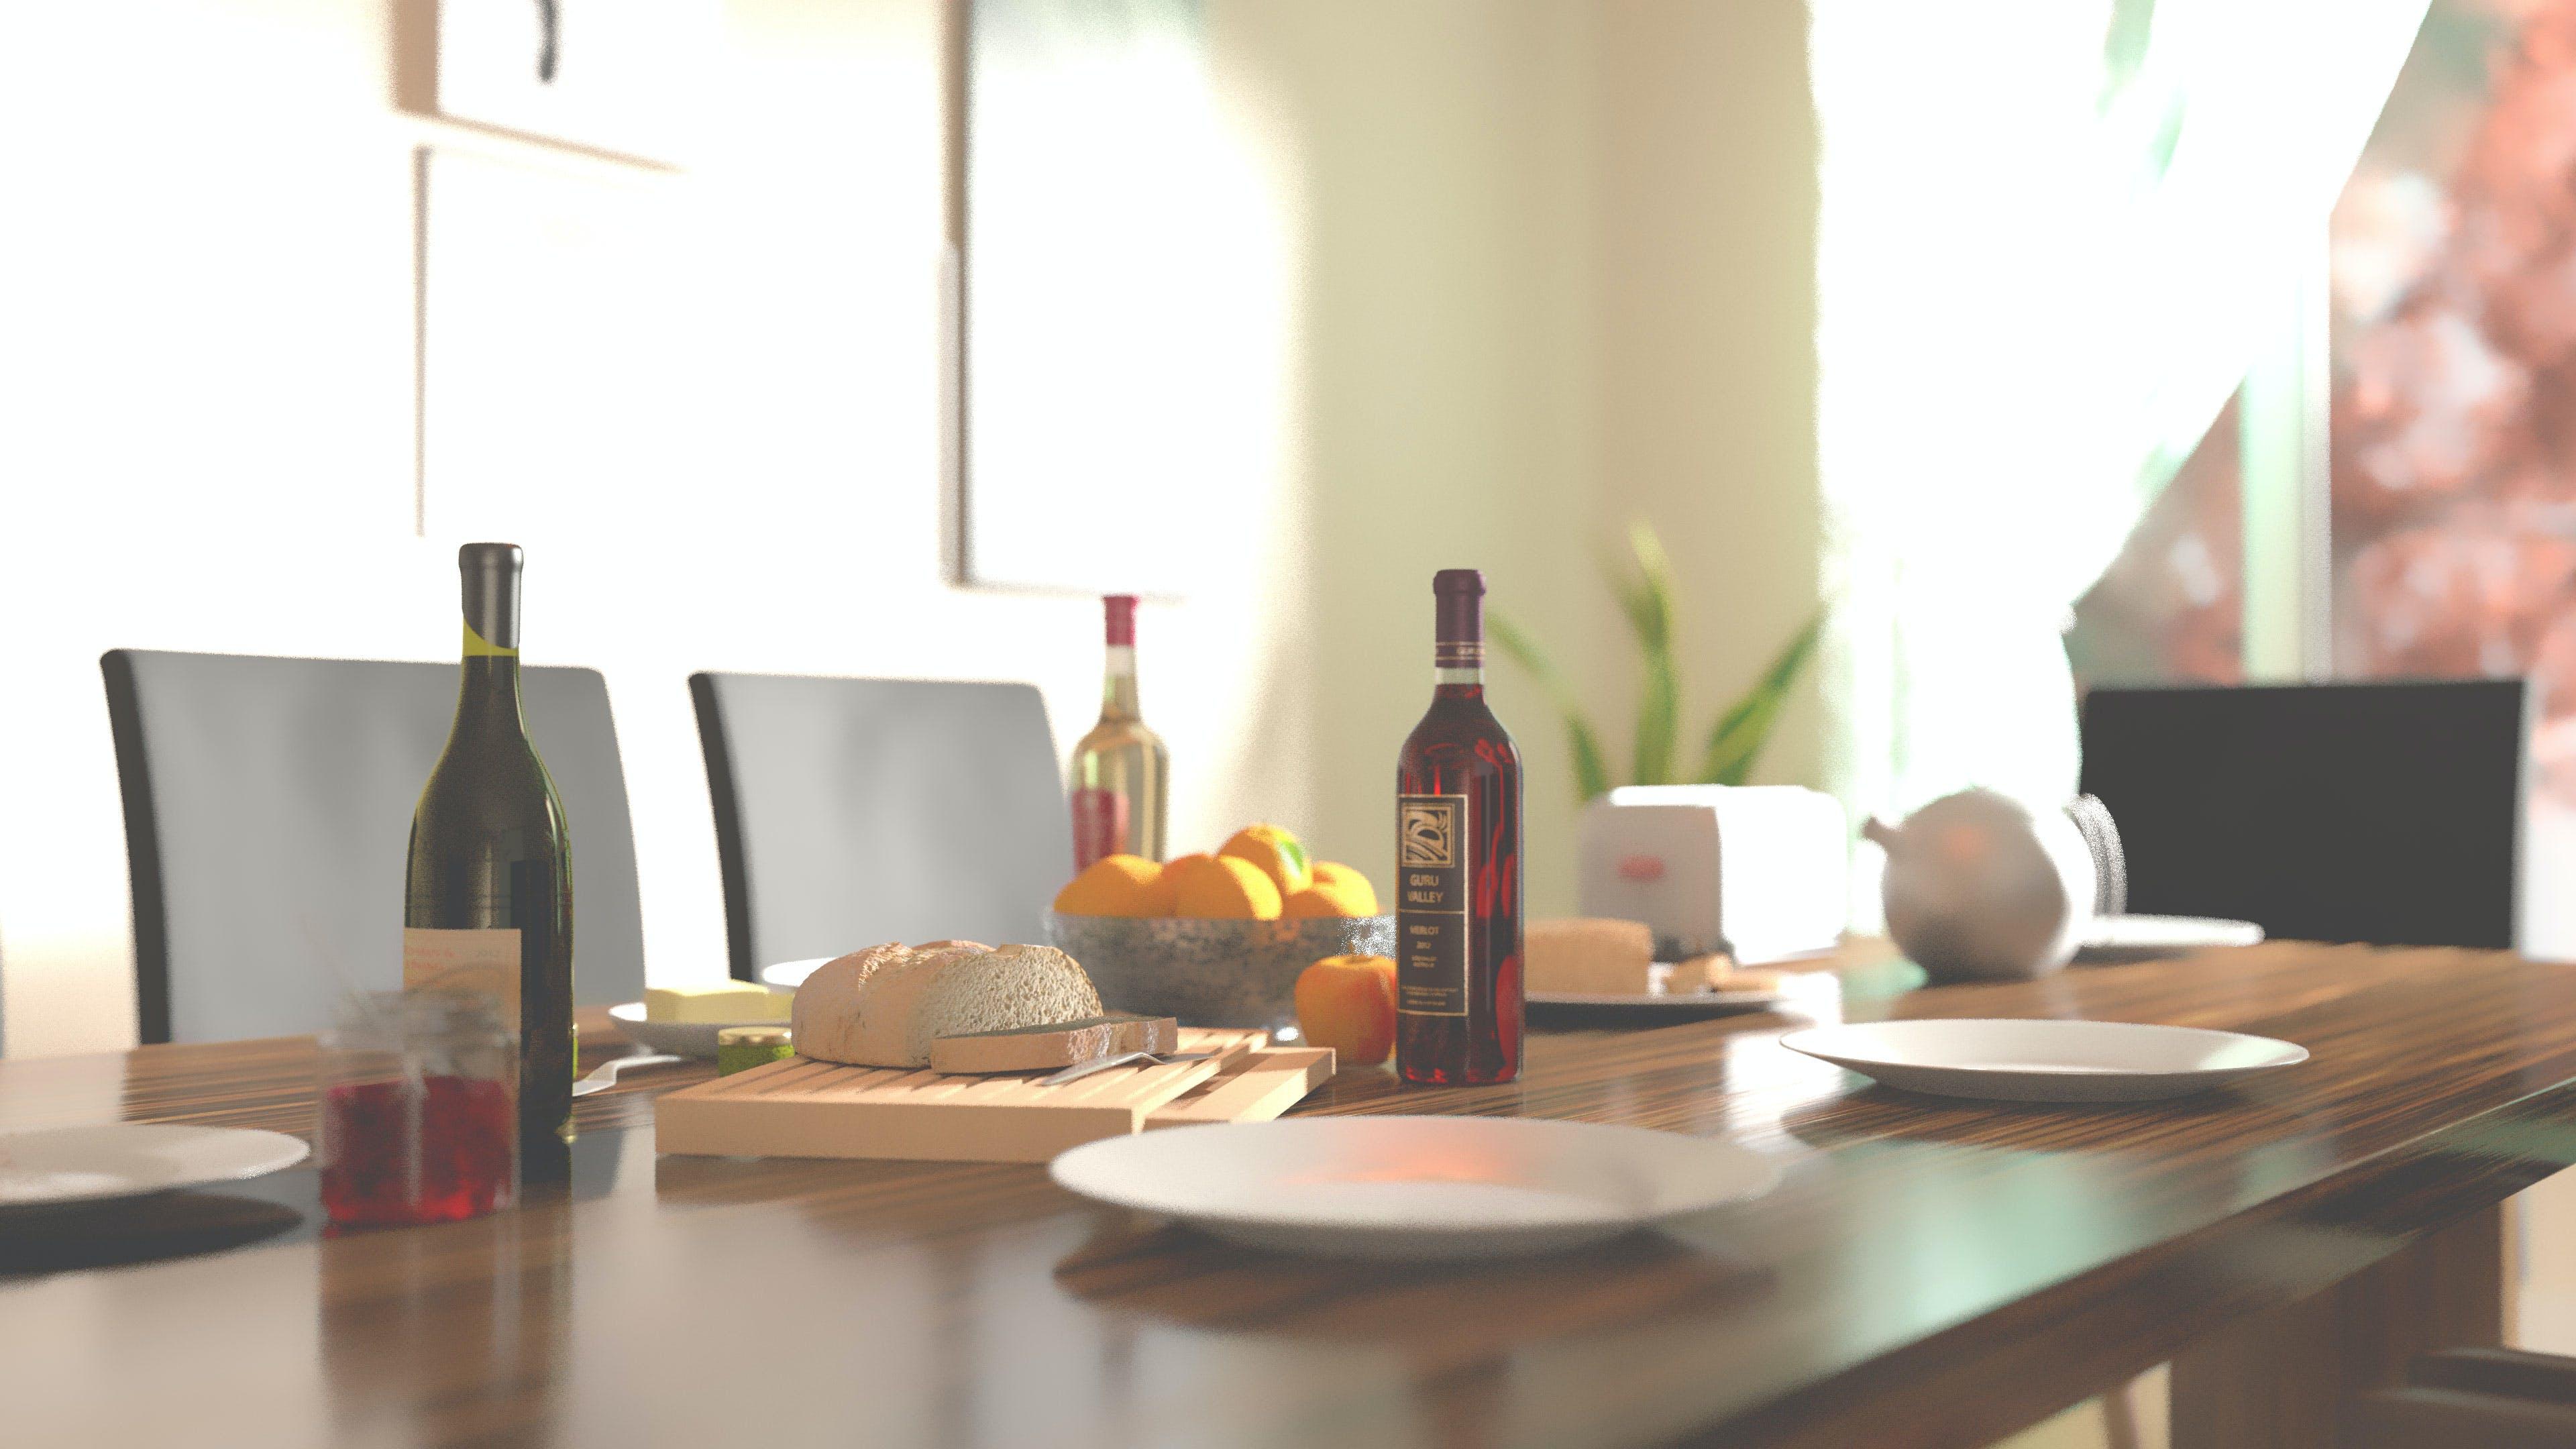 瓶子, 食物 的 免费素材照片